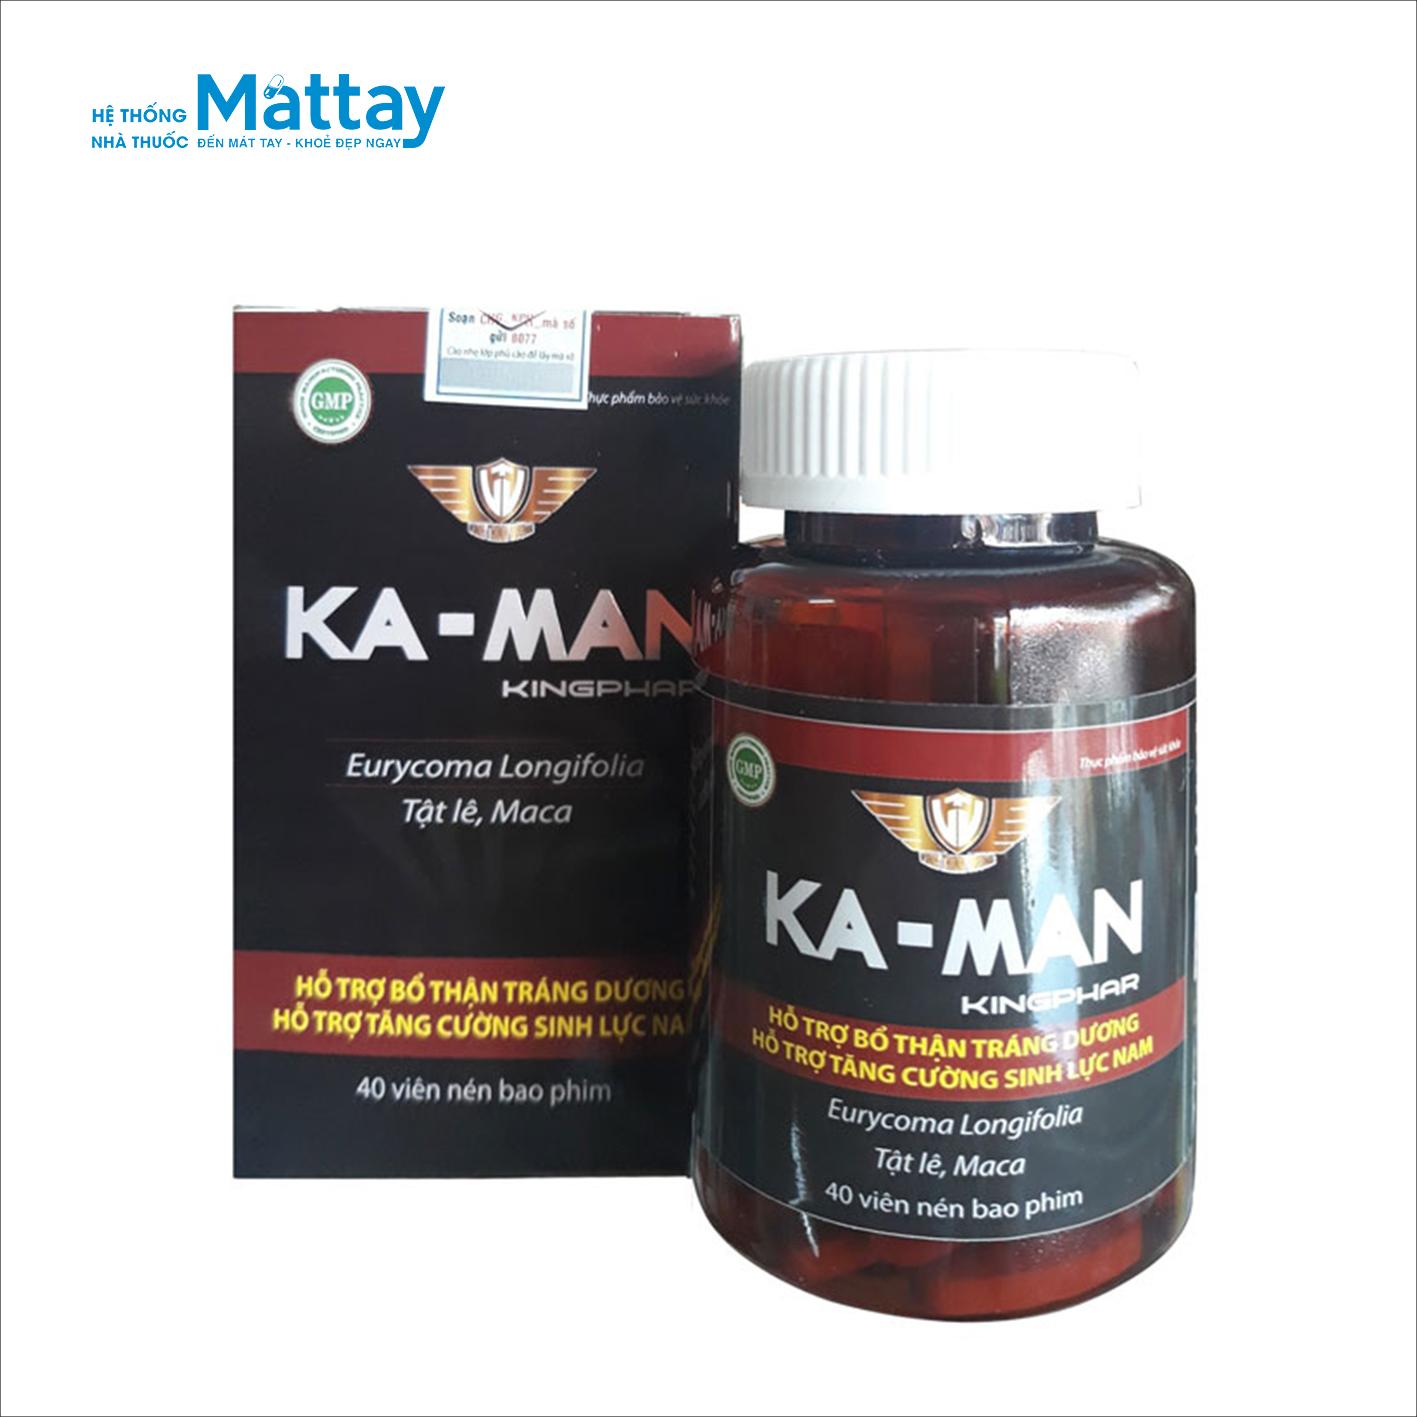 Ka – man Kingphar – Tăng cường sinh lực nam